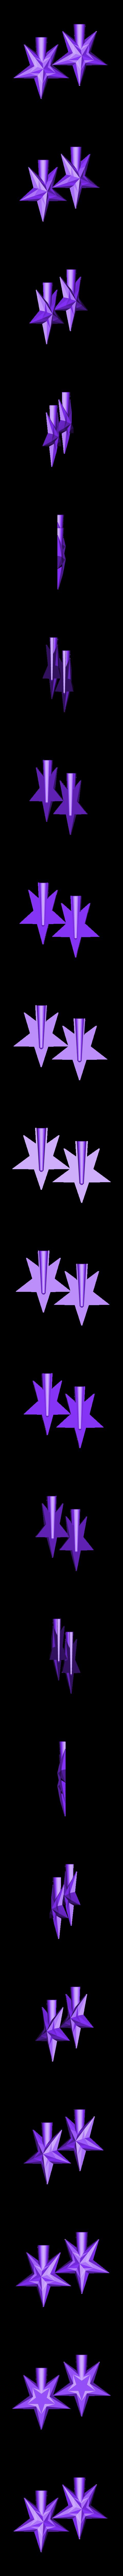 FacetedStar-Split-Topper.stl Télécharger fichier STL gratuit Décorations d'étoiles facettées • Design pour impression 3D, tone001